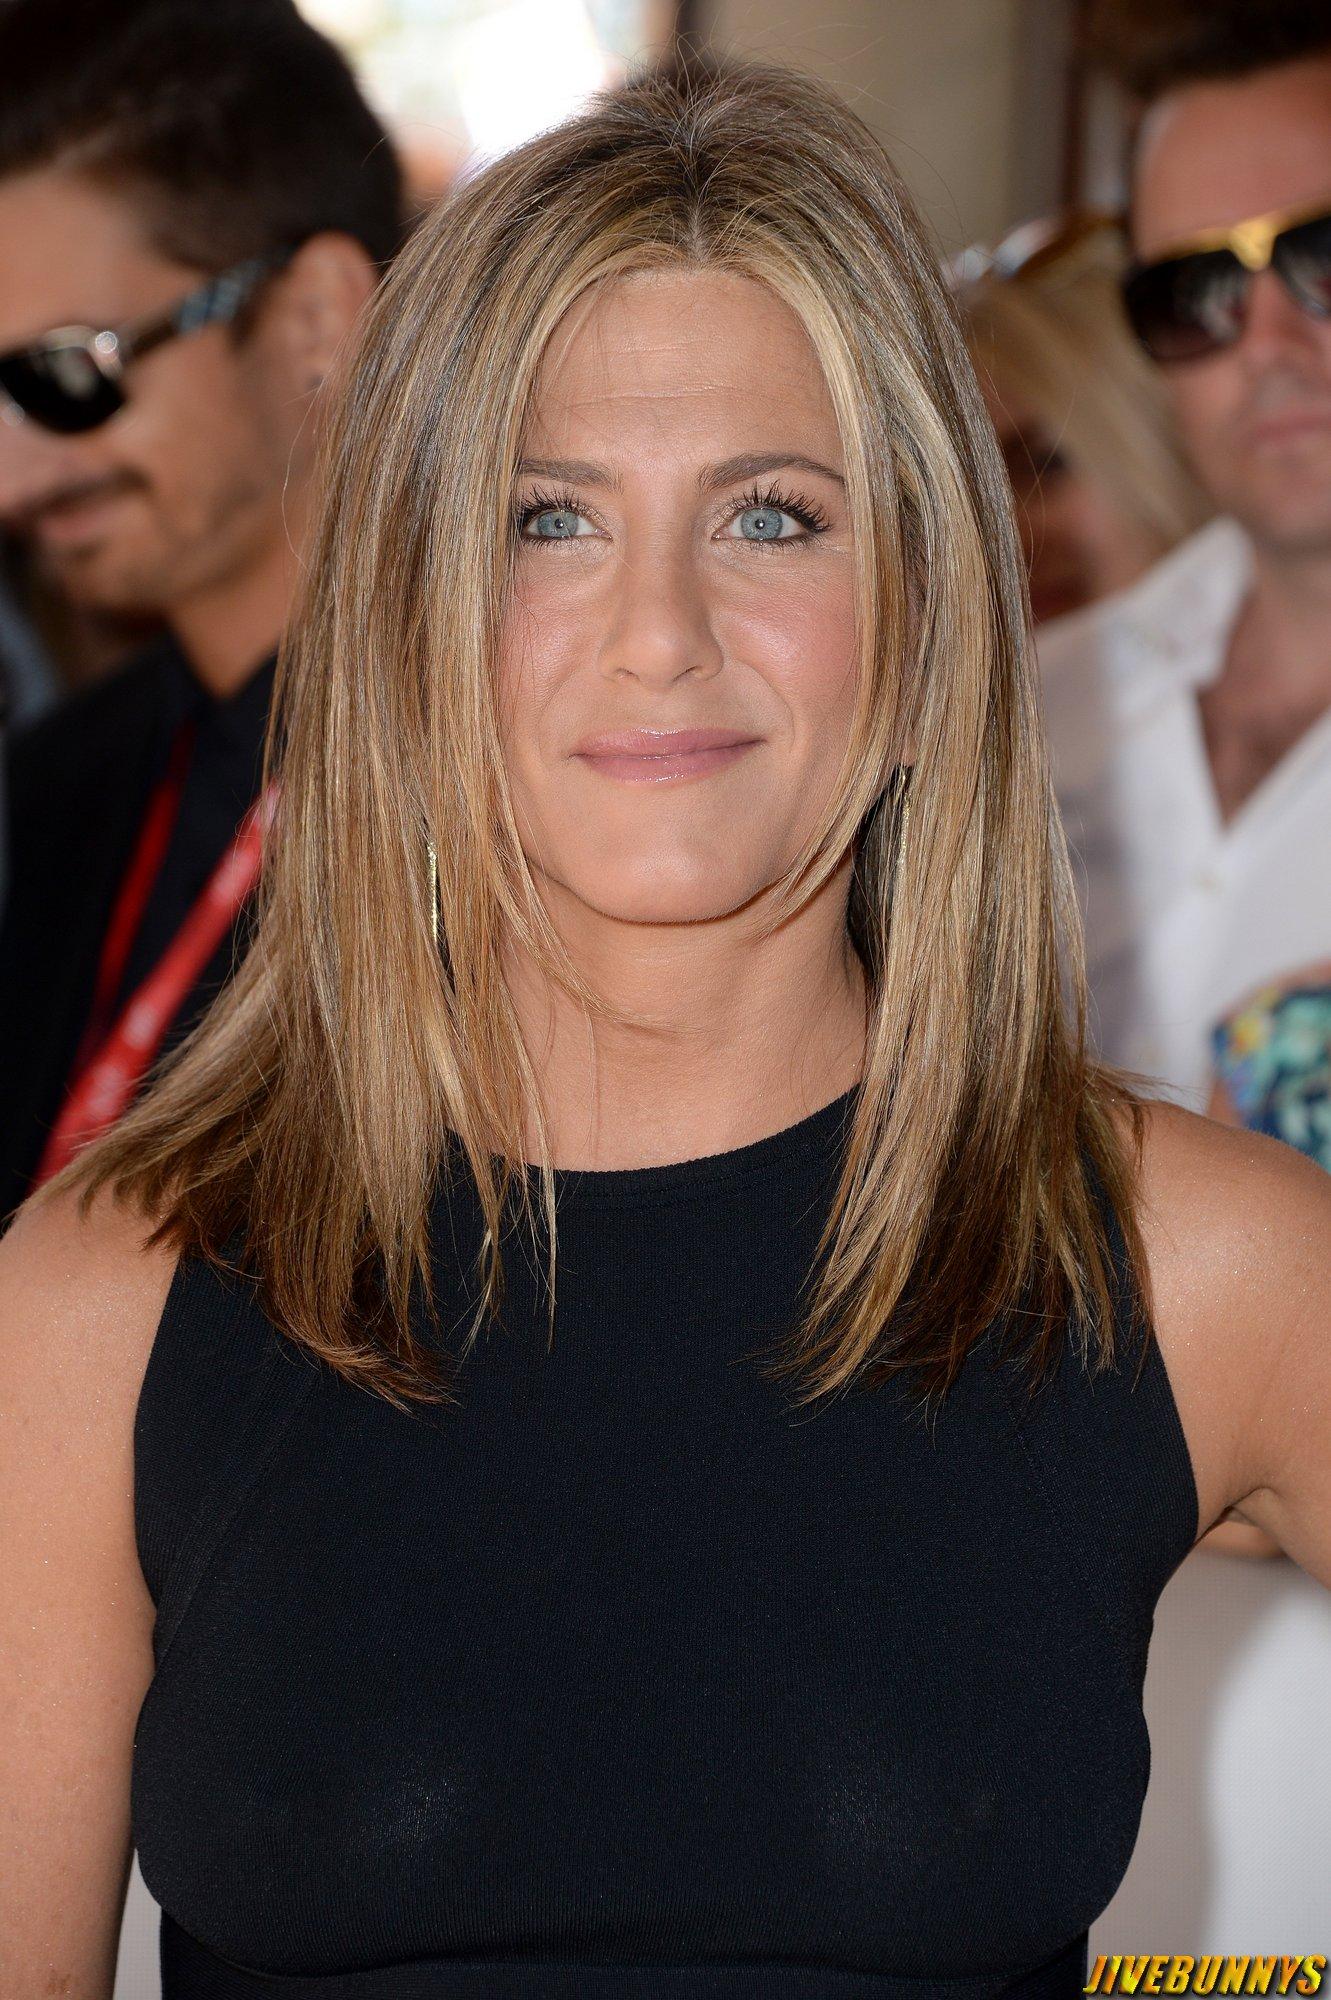 Jennifer Aniston nude celebrity pictures - Celeb Nudes Photos